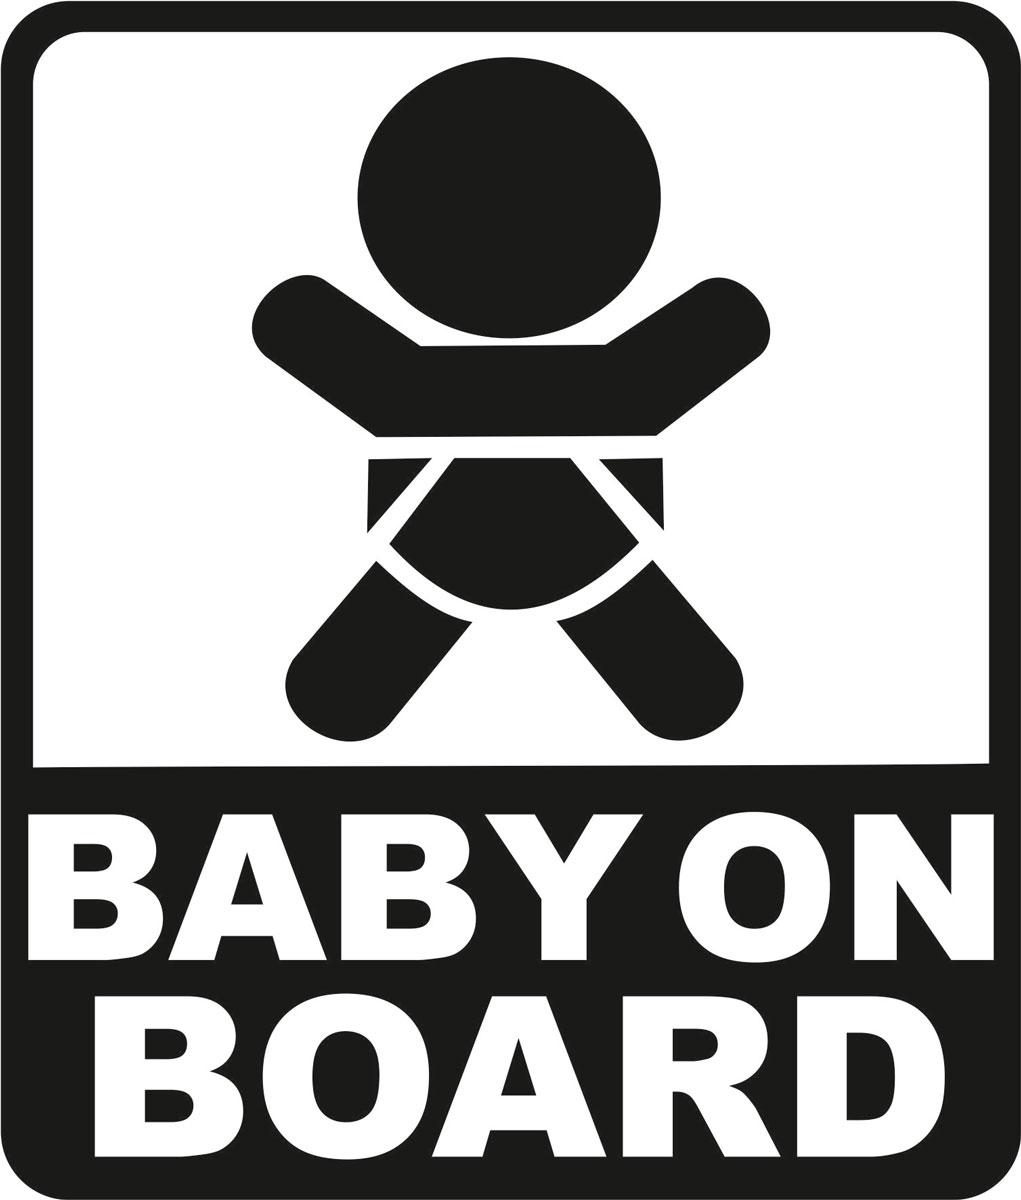 Наклейка автомобильная Оранжевый слоник Baby on Board. Квадрат, виниловая, цвет: черныйВетерок 2ГФОригинальная наклейка Оранжевый слоник Baby on Board. Квадрат изготовлена из долговечного винила, который выполняет не только декоративную функцию, но и защищает кузов от небольших механических повреждений, либо скрывает уже существующие.Виниловые наклейки на авто - это не только красиво, но еще и быстро! Всего за несколько минут вы можете полностью преобразить свой автомобиль, сделать его ярким, необычным, особенным и неповторимым!